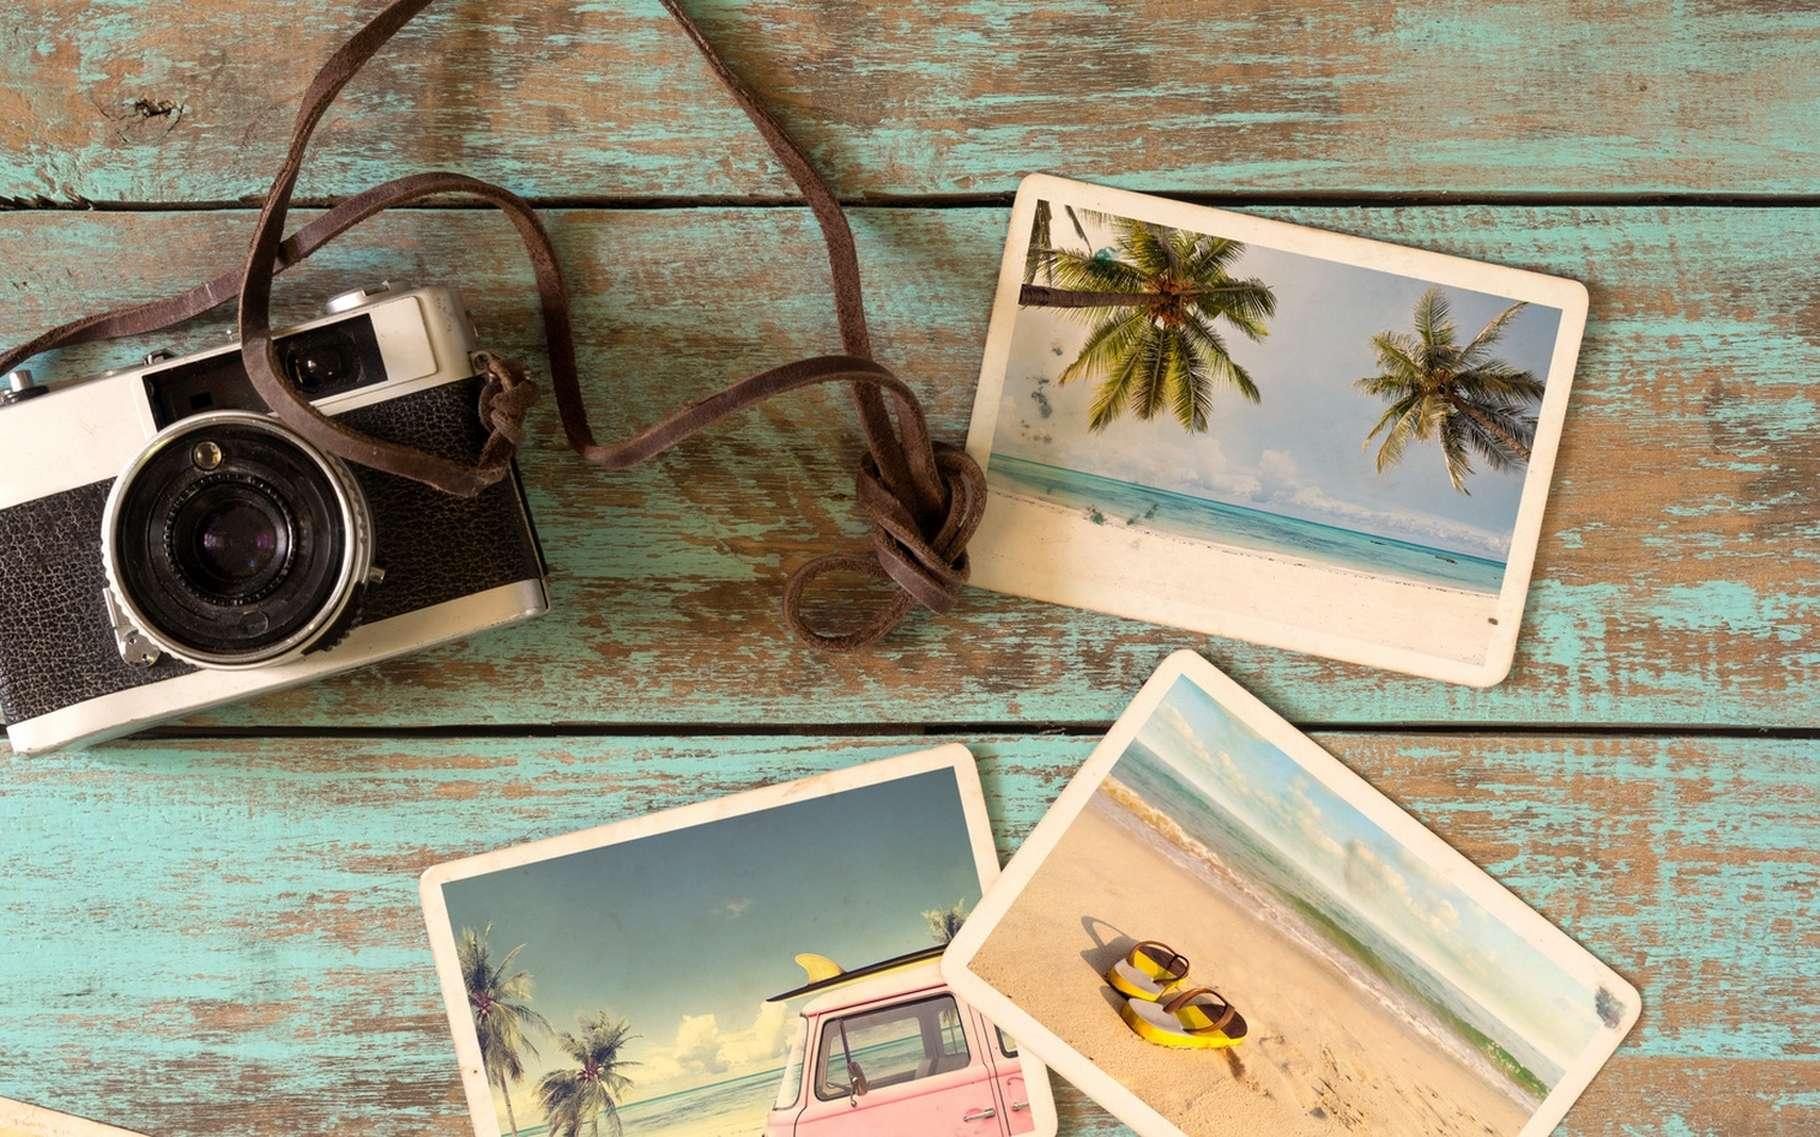 Grâce aux outils proposés par les services en ligne, créer un beau livre photo de voyage ne demande aucune expérience particulière. © Jakkapan, Fotolia